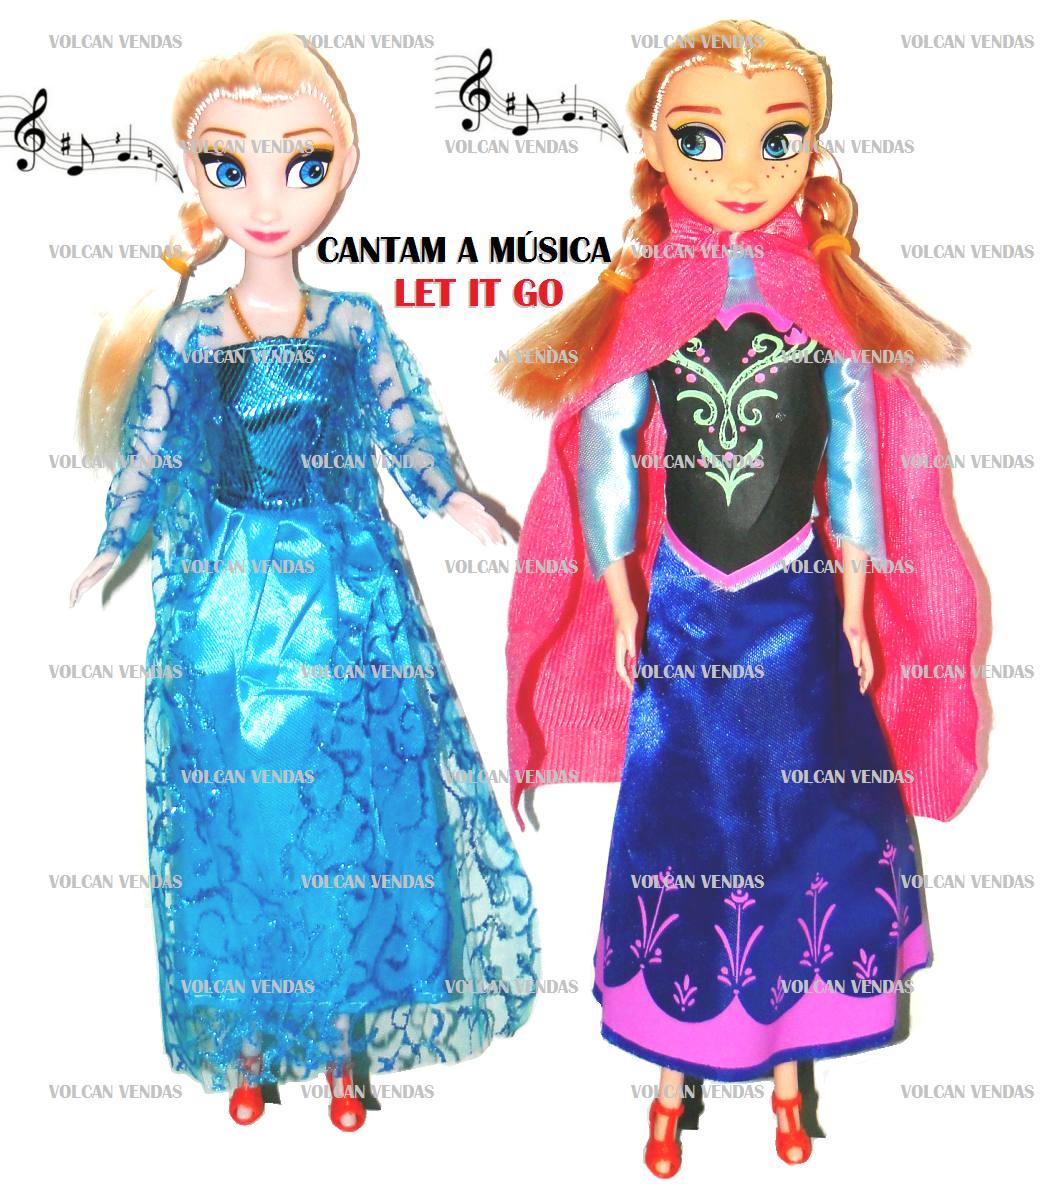 c77658ff1a bonecas frozen anna e elsa musical kit com 2 olaf brinde. Carregando zoom.